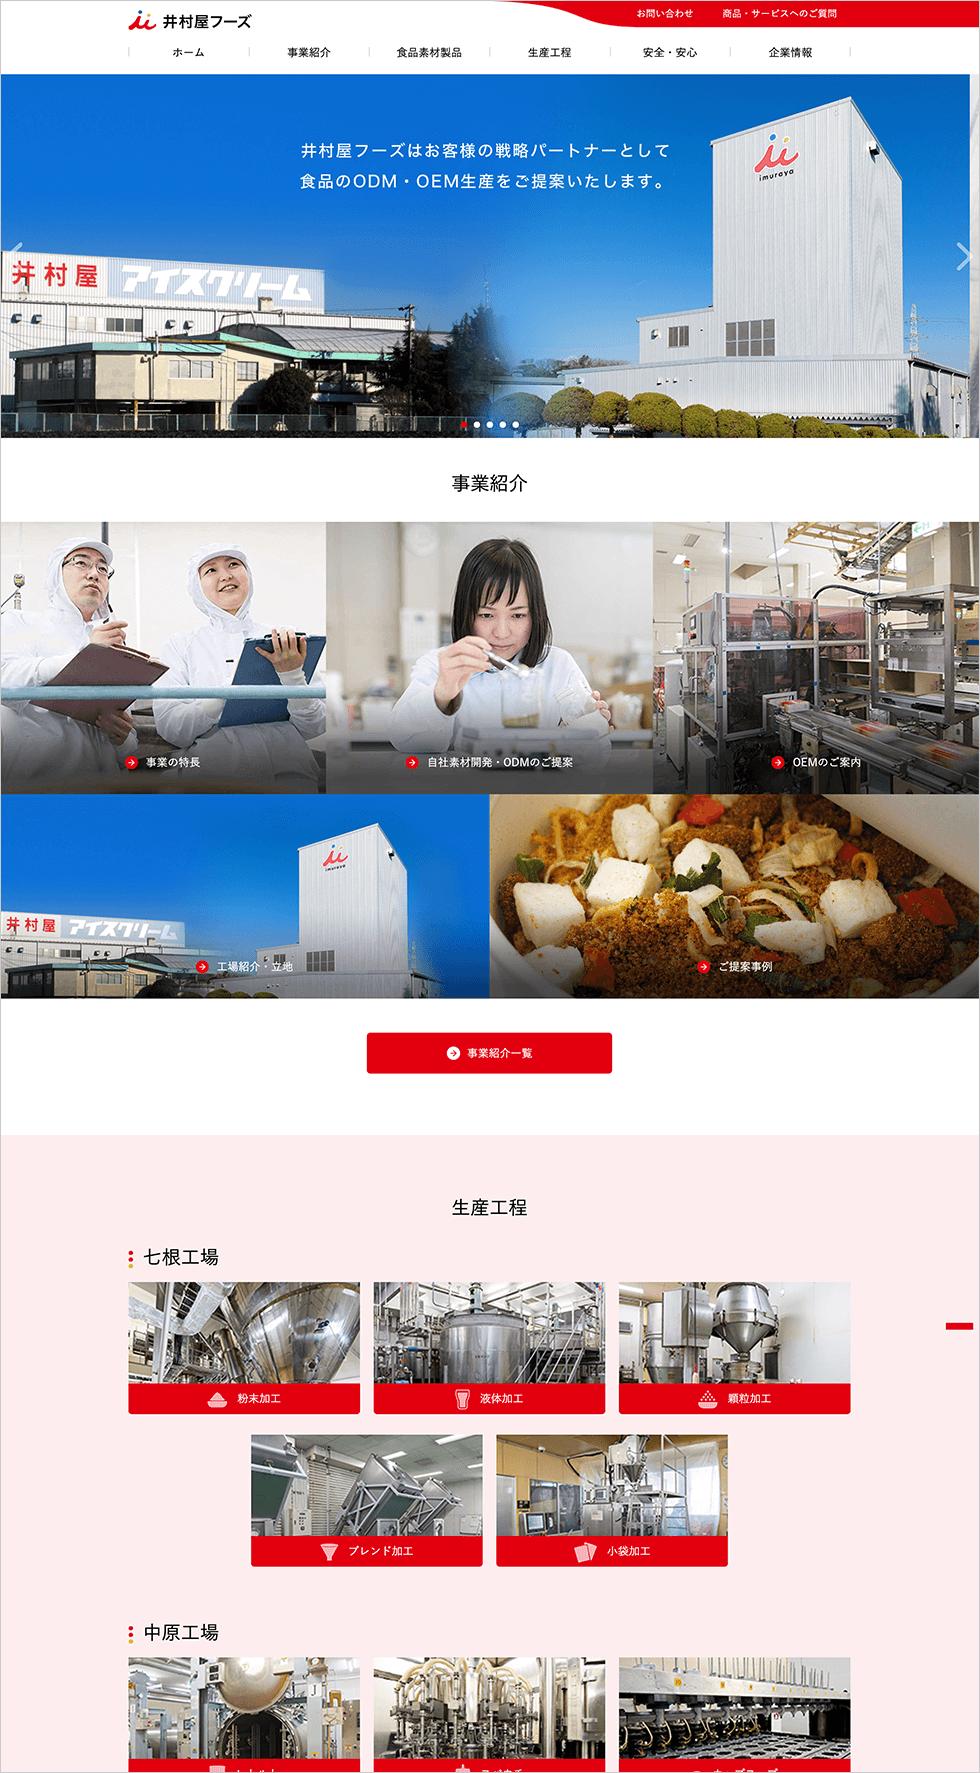 井村屋フーズのPCトップページ画像